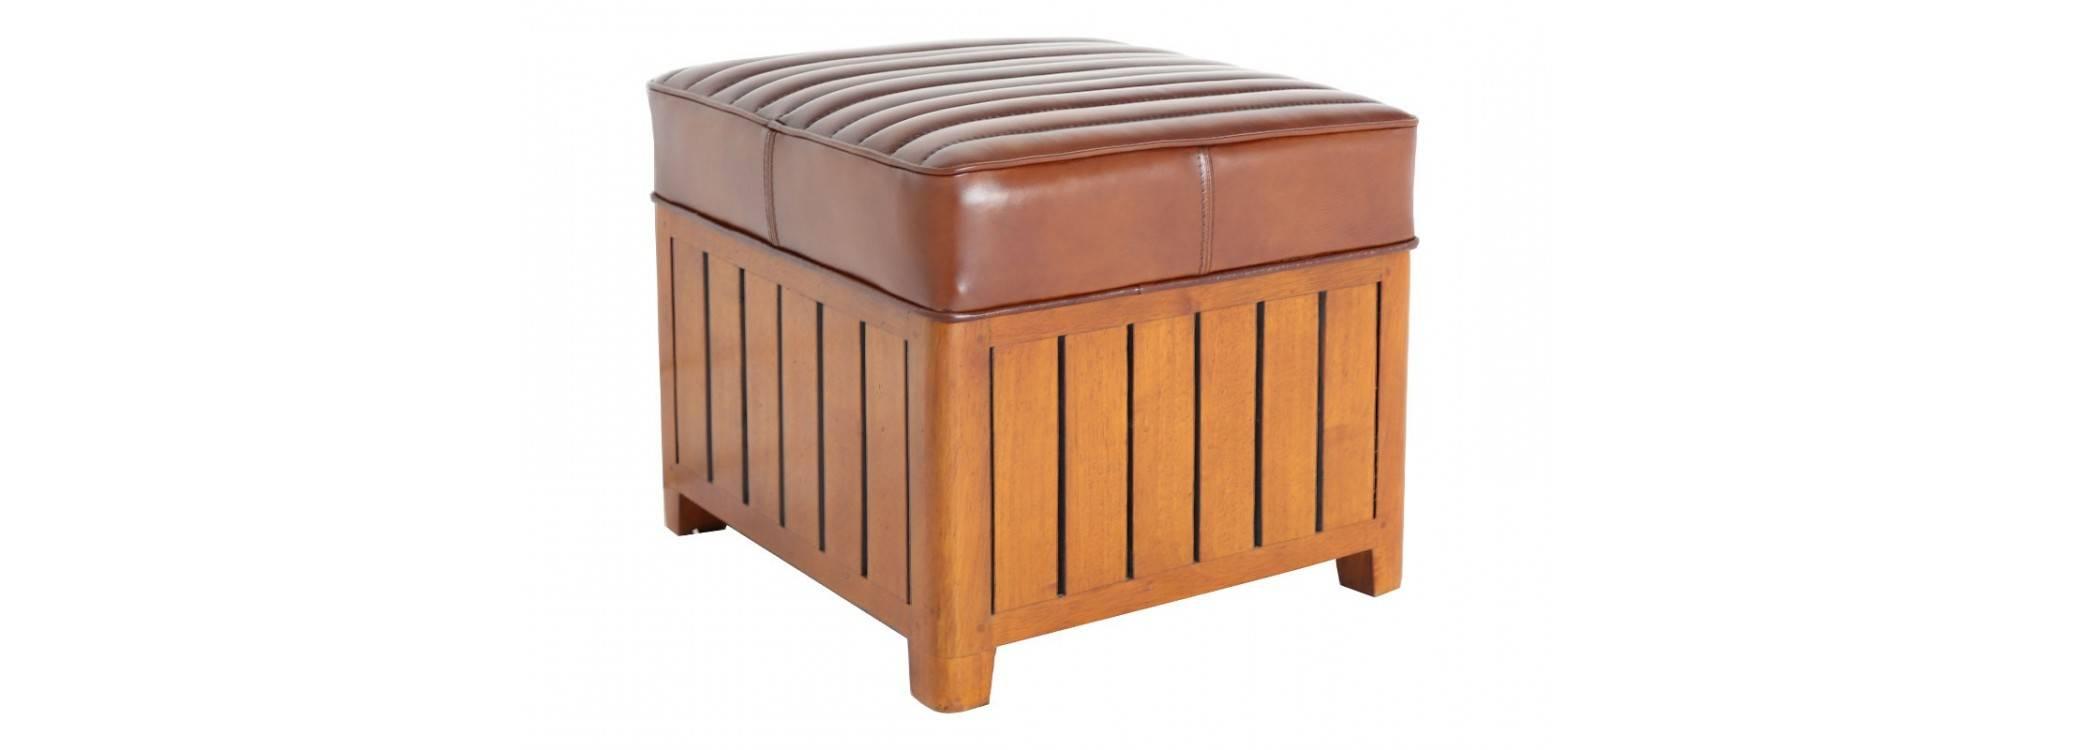 Pouf carré Canoë - cuir marron